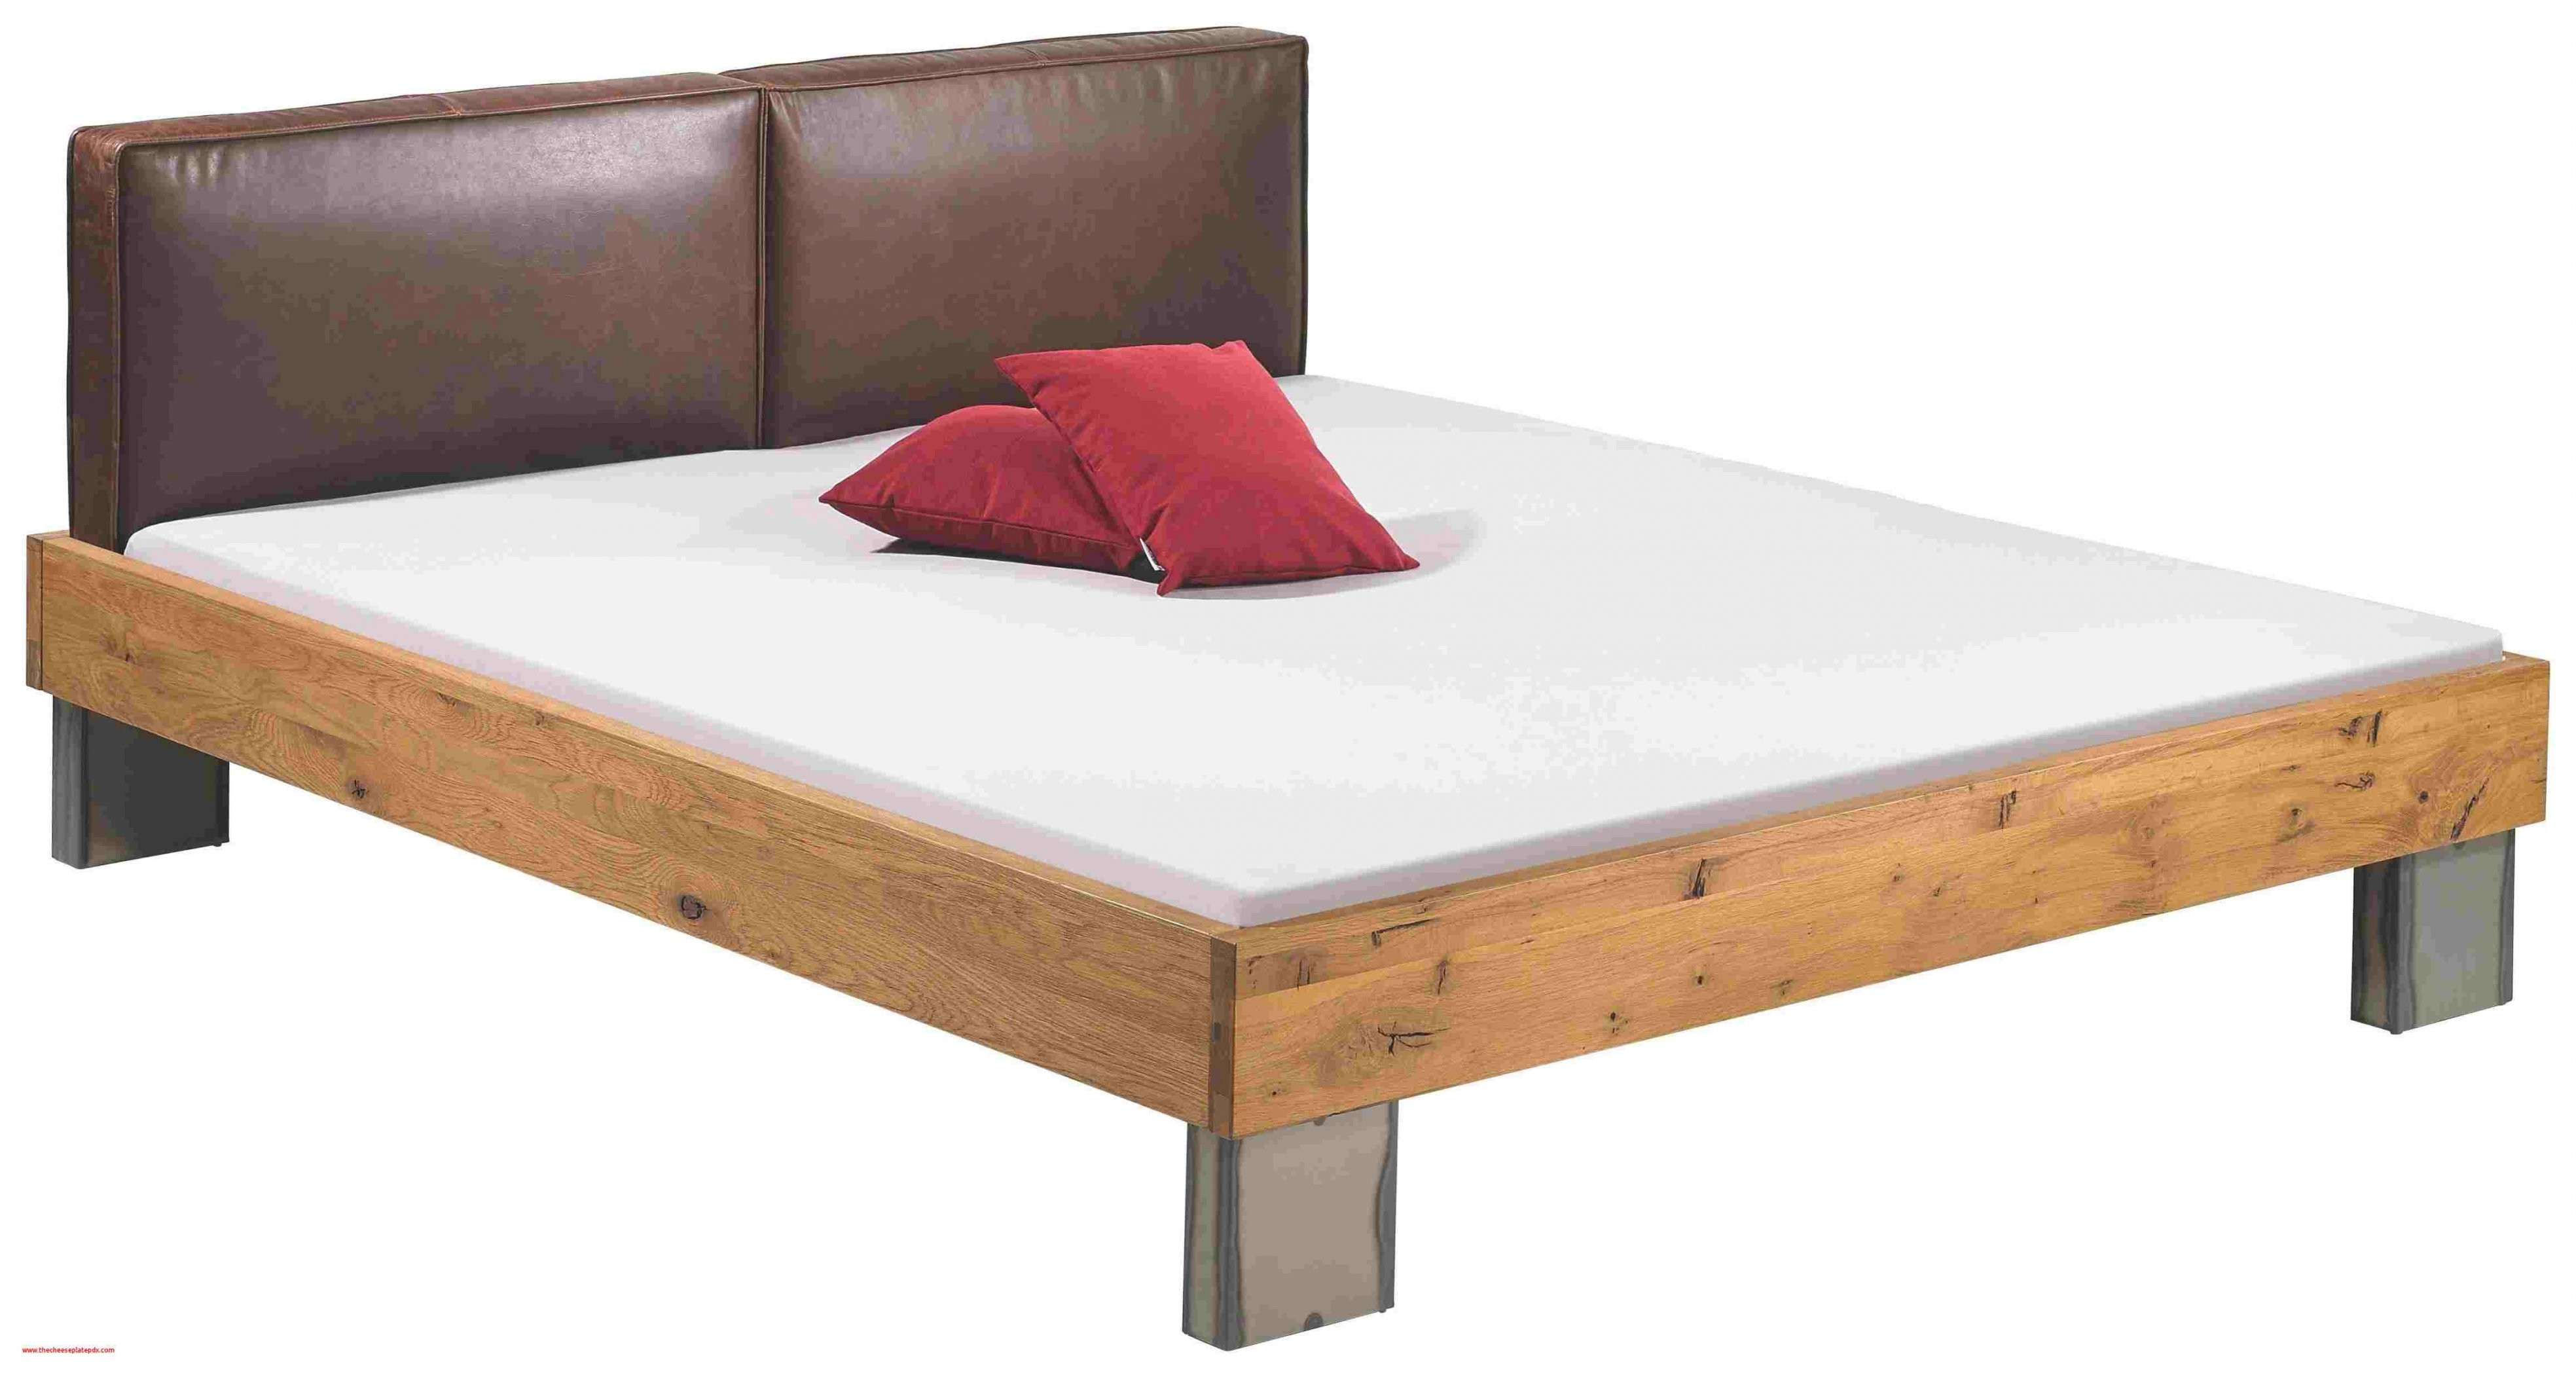 Unique Europaletten Bett 160X200 Unique von Europaletten Bett 160X200 Bild